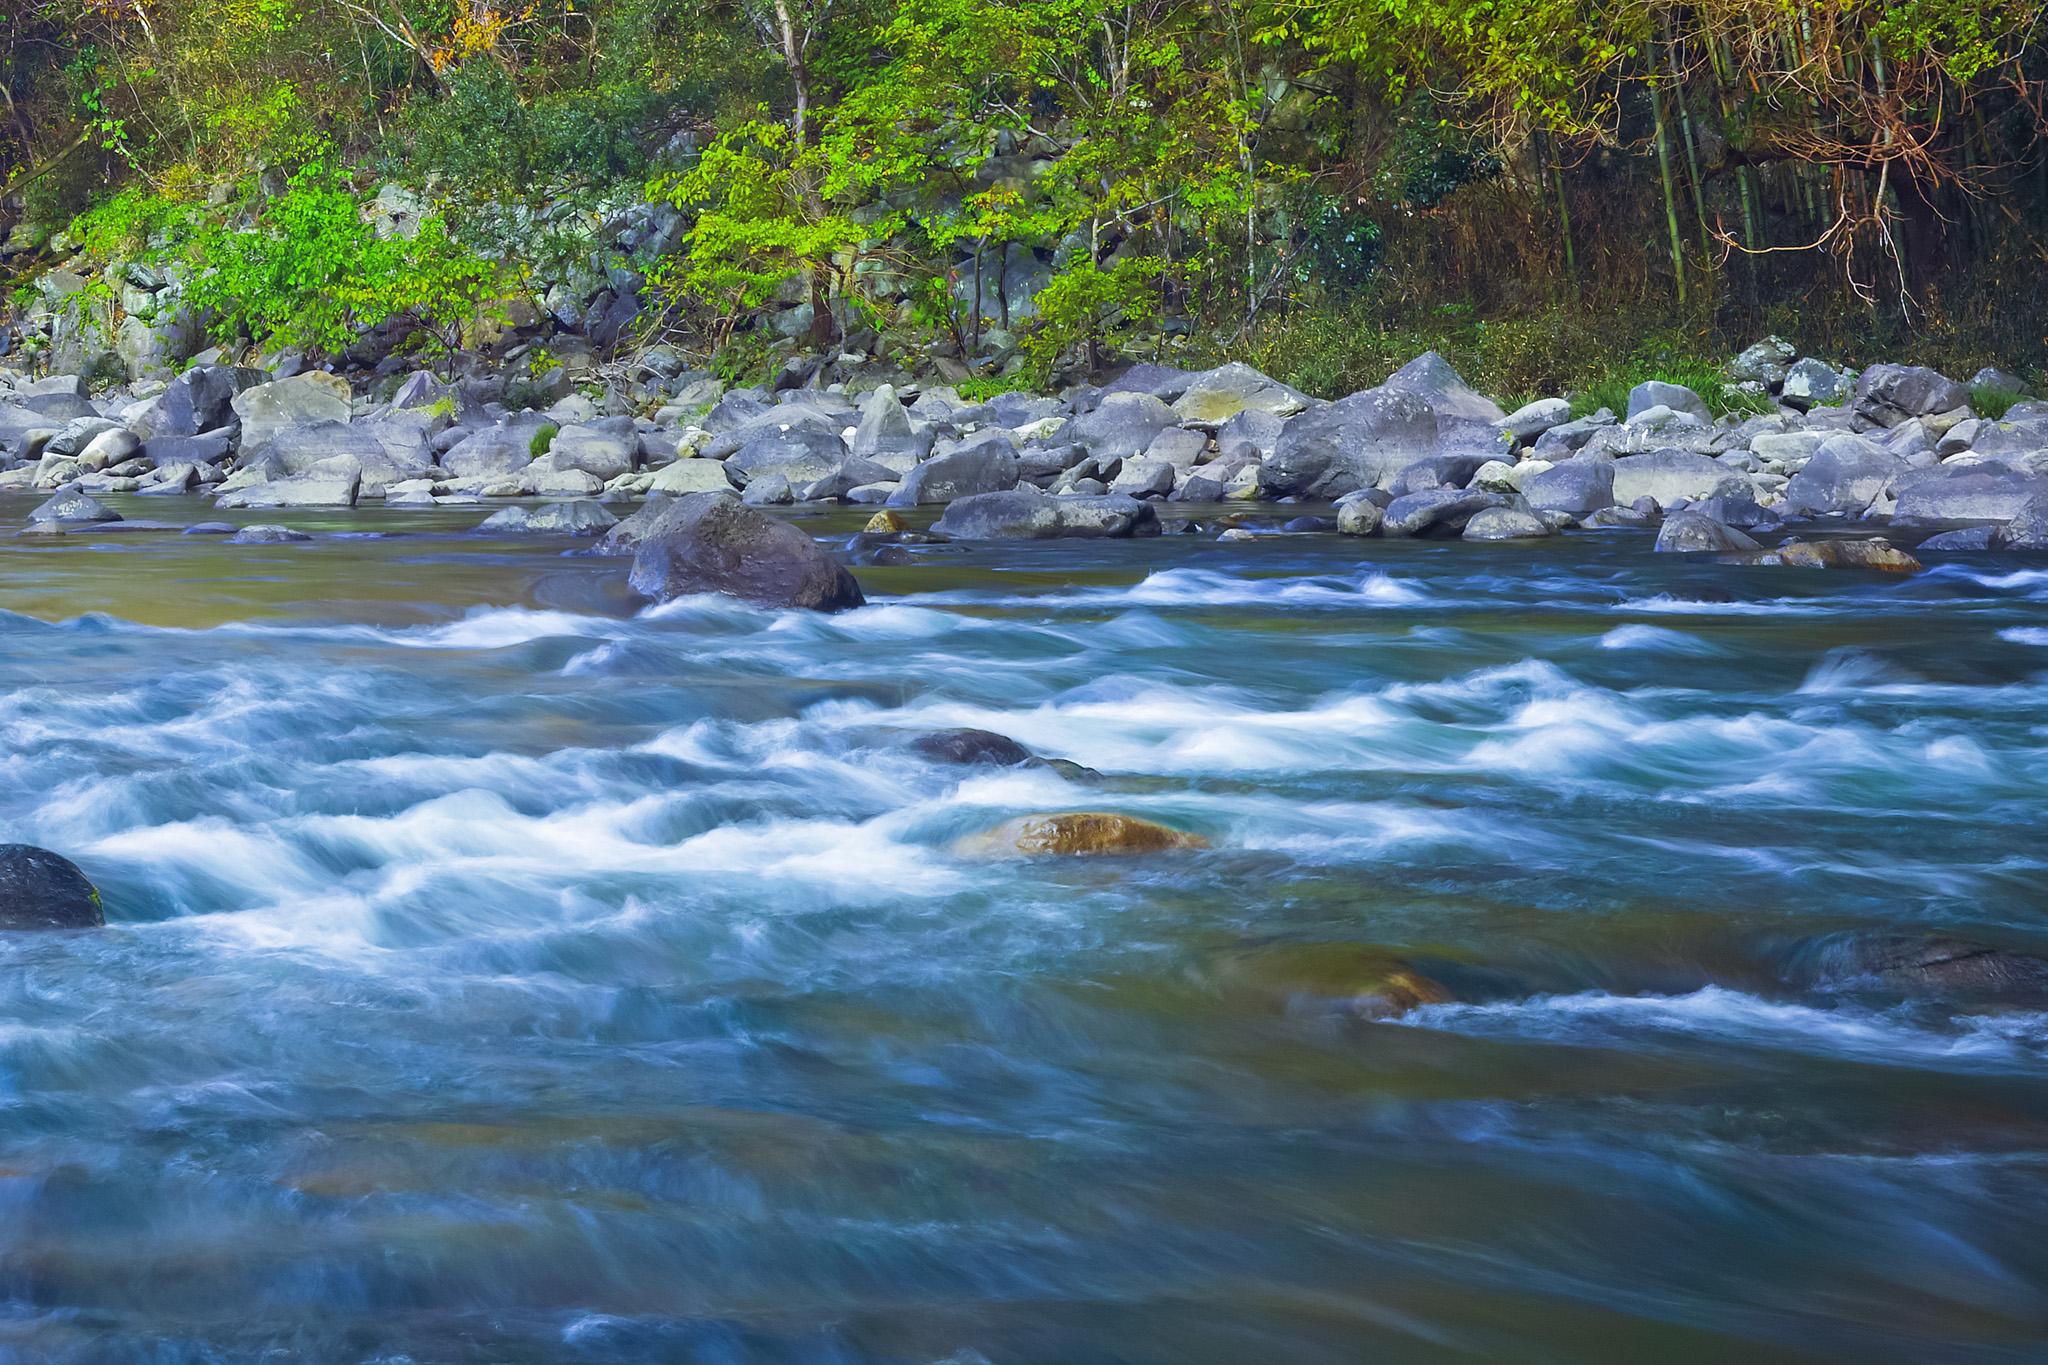 「青い豊かな水が流れる清流」